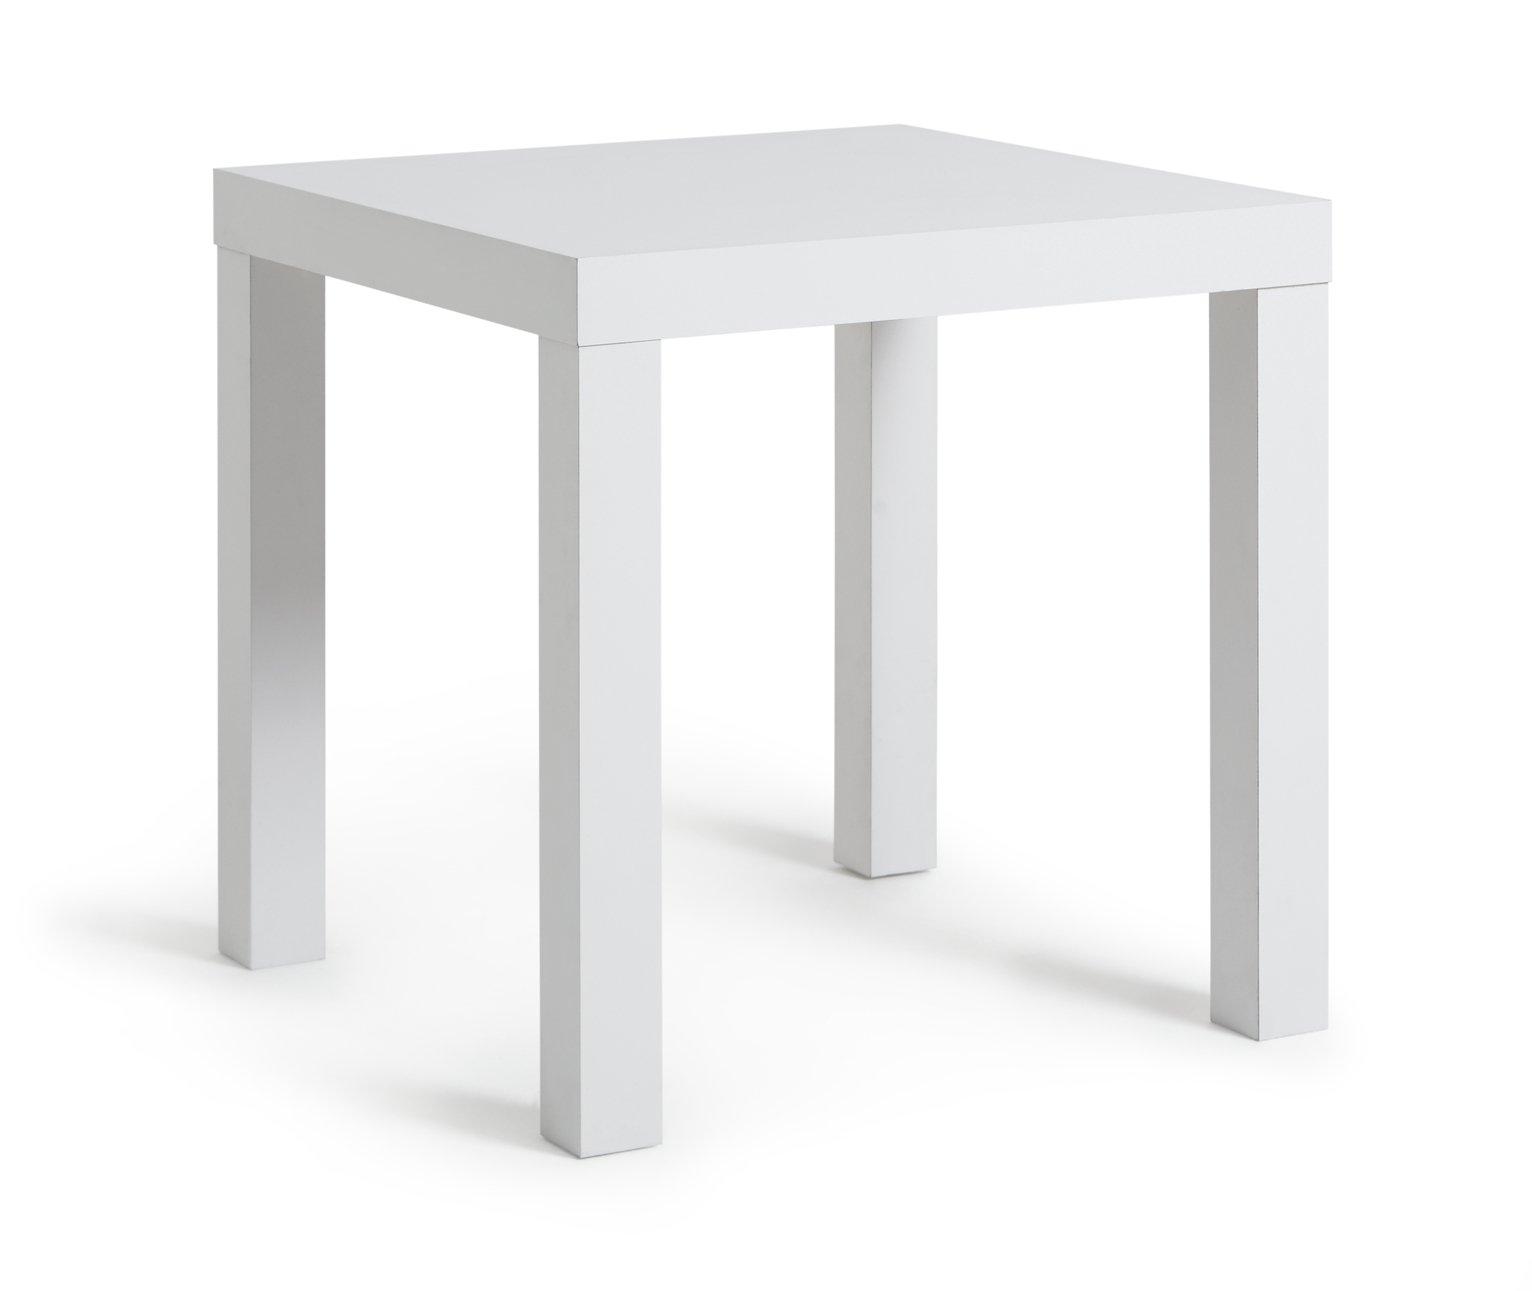 Argos Home Sasha End Table